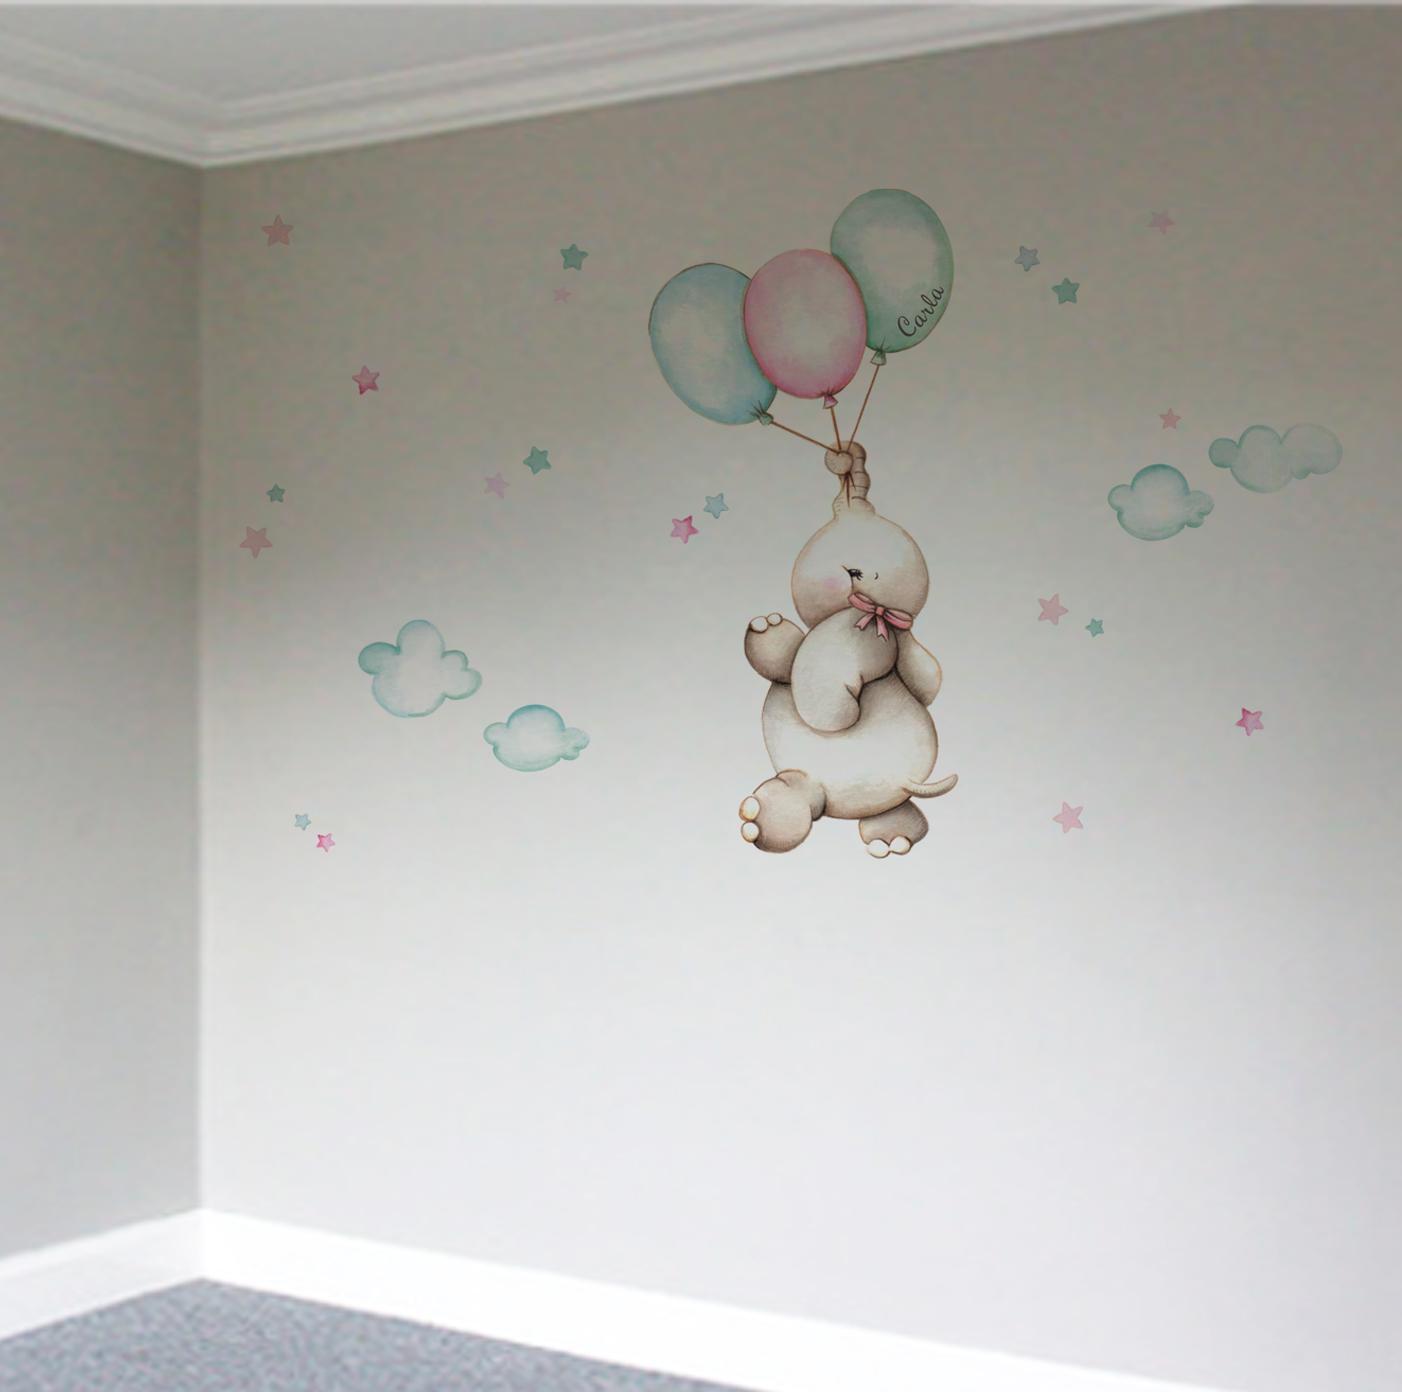 VINILO INFANTIL: Elefantita con globos